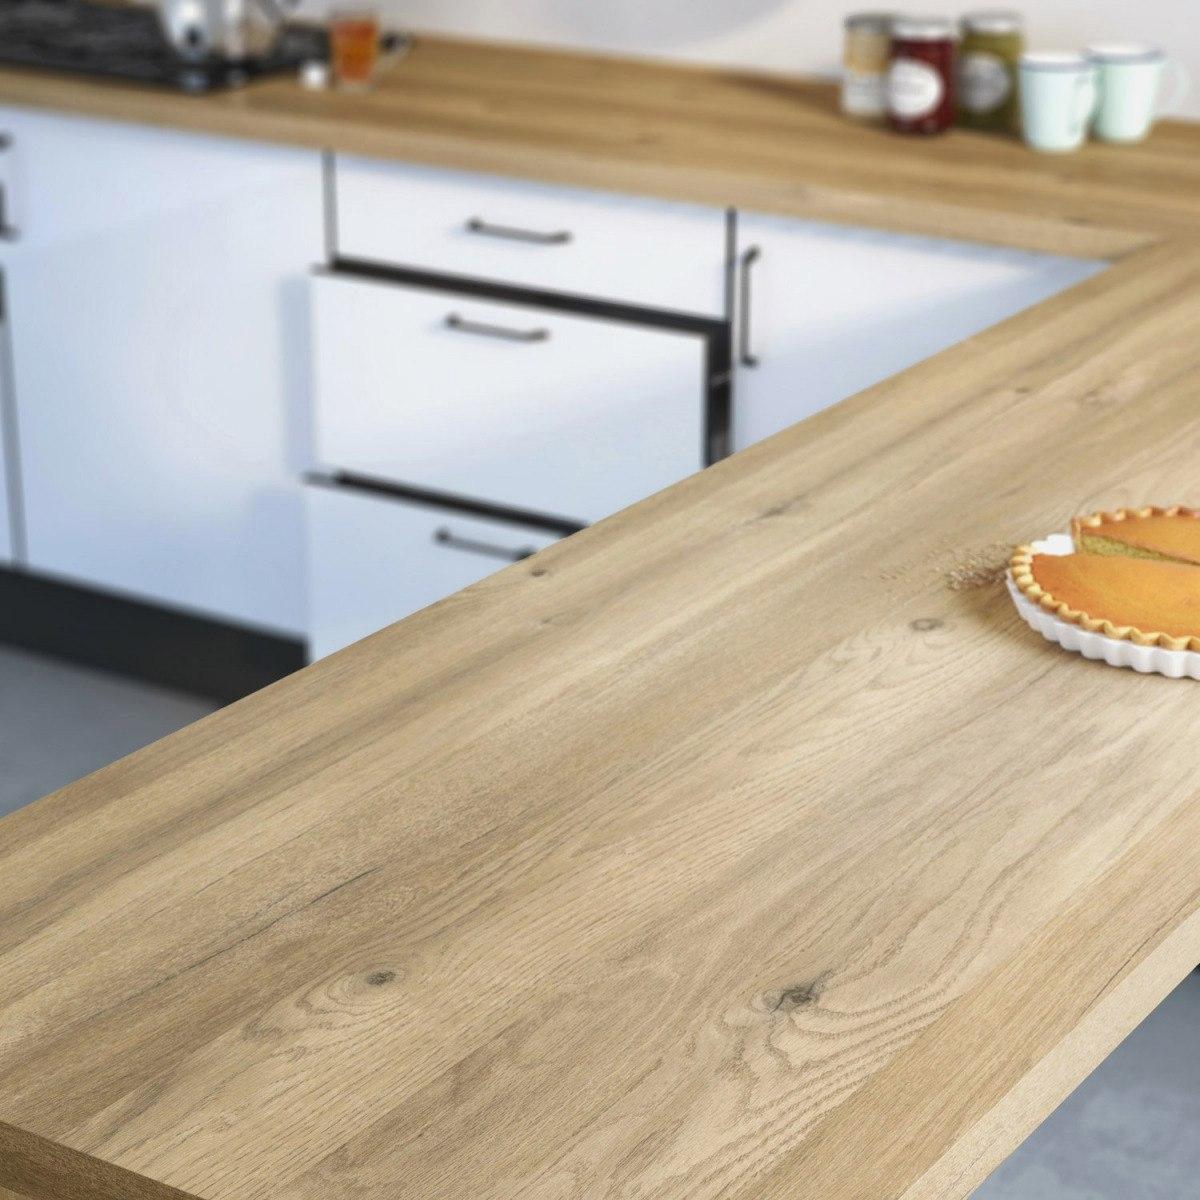 plan de travail cuisine chene massif ikea livraison. Black Bedroom Furniture Sets. Home Design Ideas